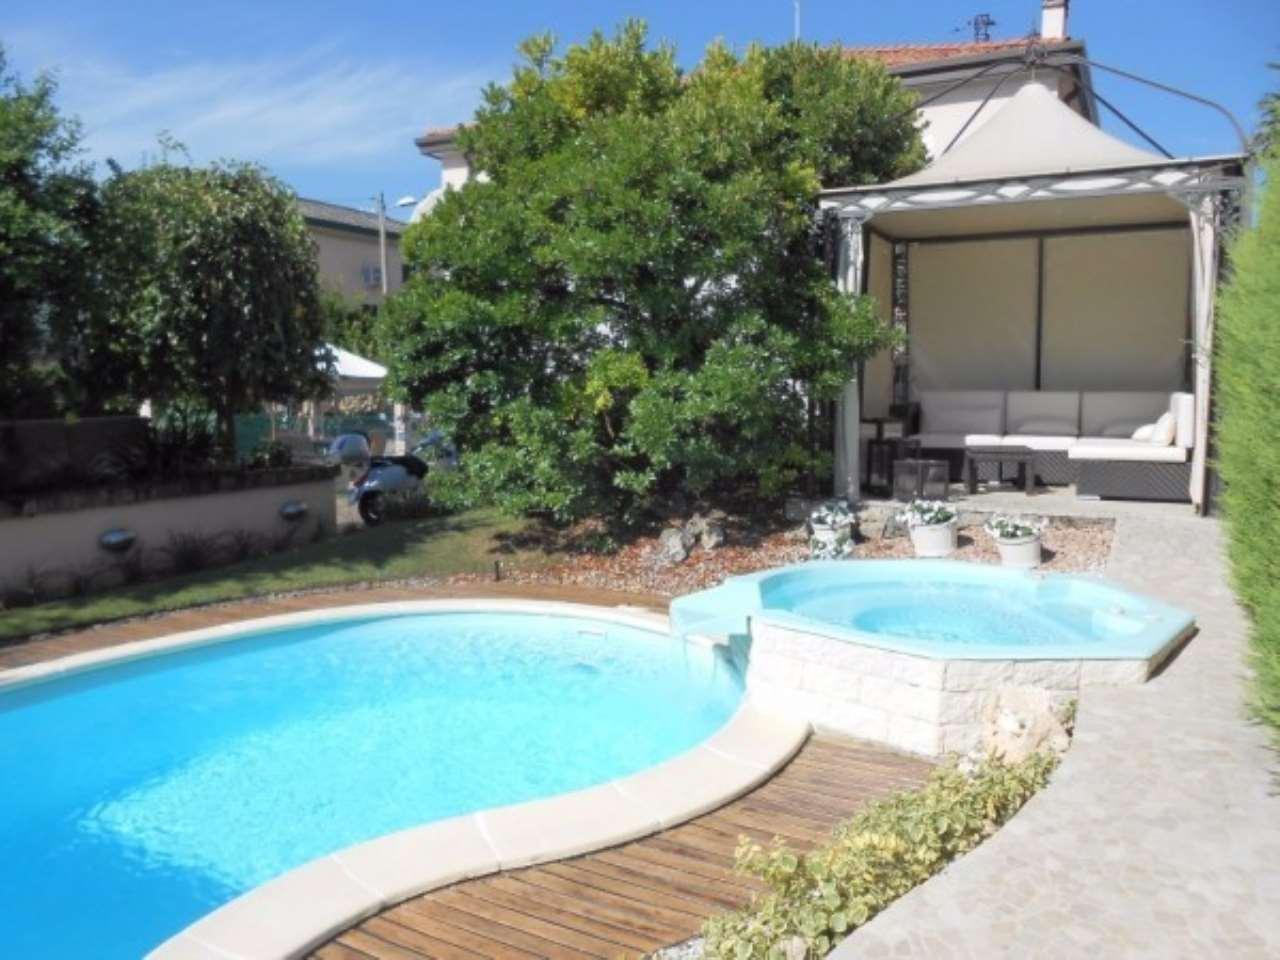 Villa in vendita a Venezia, 3 locali, zona Zona: 14 . Favaro Veneto, prezzo € 390.000 | Cambio Casa.it